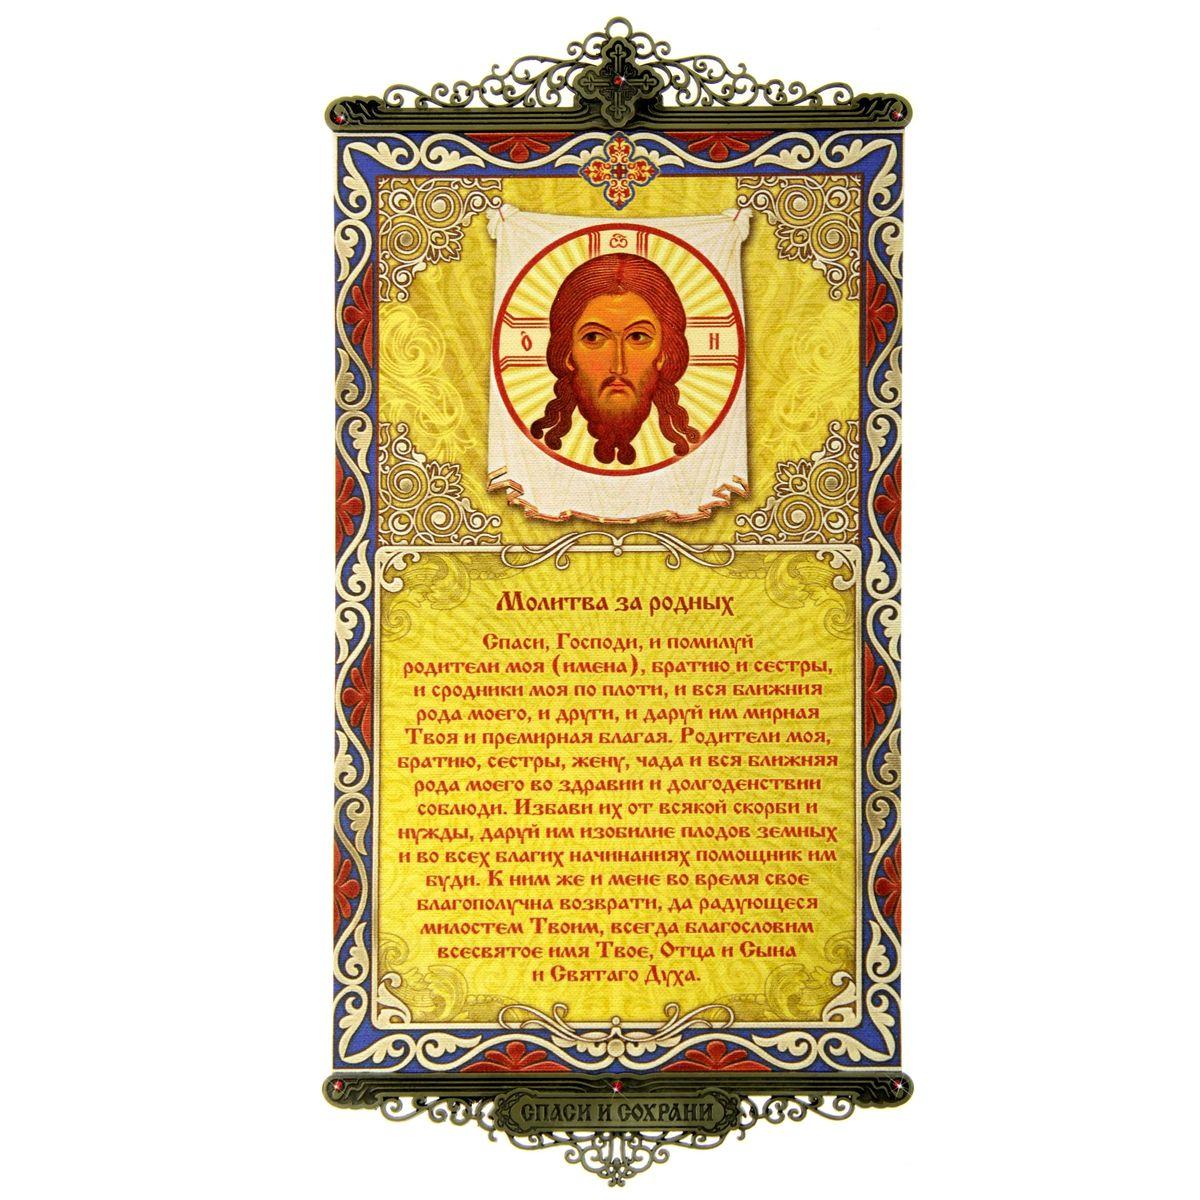 Икона с молитвой Молитва за родных, на подвесахFS-80264Икона с молитвой Молитва за родных выполнена из плотного текстиля с нанесенным цветным рисунком, края декорированы ажурными металлическими вставками со стразами. Цветовая гамма и интерьер влияют на настроение каждого, именно поэтому так важны детали, которые нас окружают. Знатоки интерьерных решений стараются применять самые разнообразные решения при художественном оформлении внутреннего пространства и использовать все возможные материалы. Икона с молитвой на подвесах - это хорошее решение для интерьера по выгодной цене!